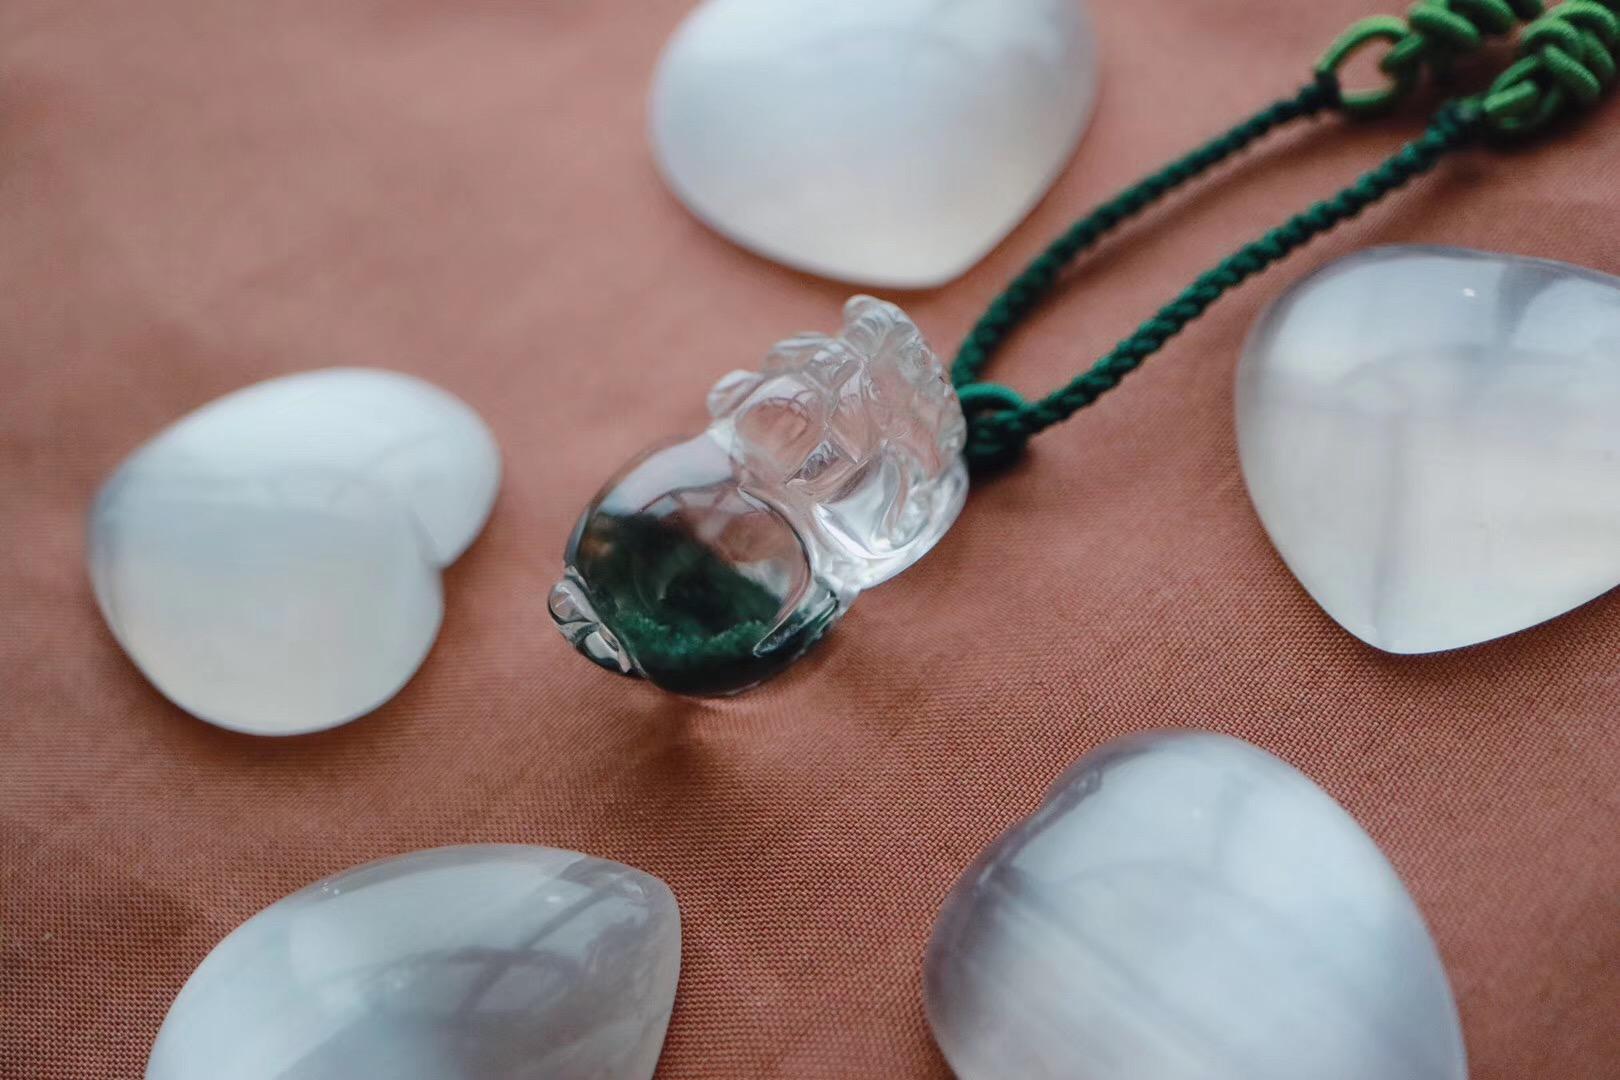 【极品绿幽灵貔貅】绿色,对应心轮,是生命的颜色-菩心晶舍